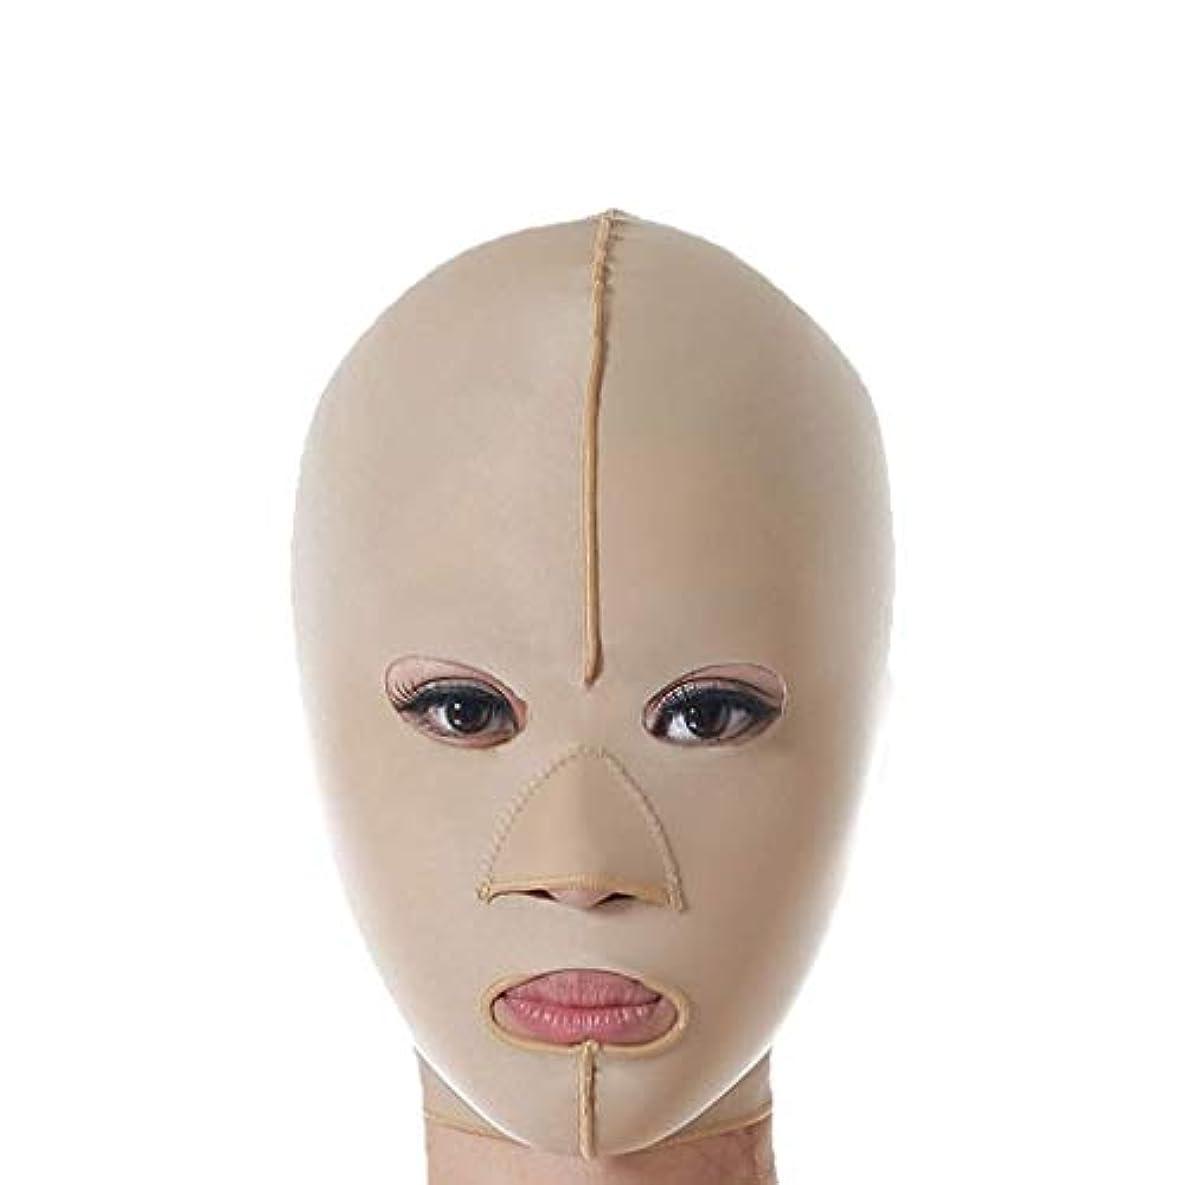 静脈実業家孤独な減量フェイスマスク、リフティング包帯、スリムフェイスリフトリフティングベルト、フェイシャル減量リフティング包帯、リフティングファーミング包帯(サイズ:XL),XL